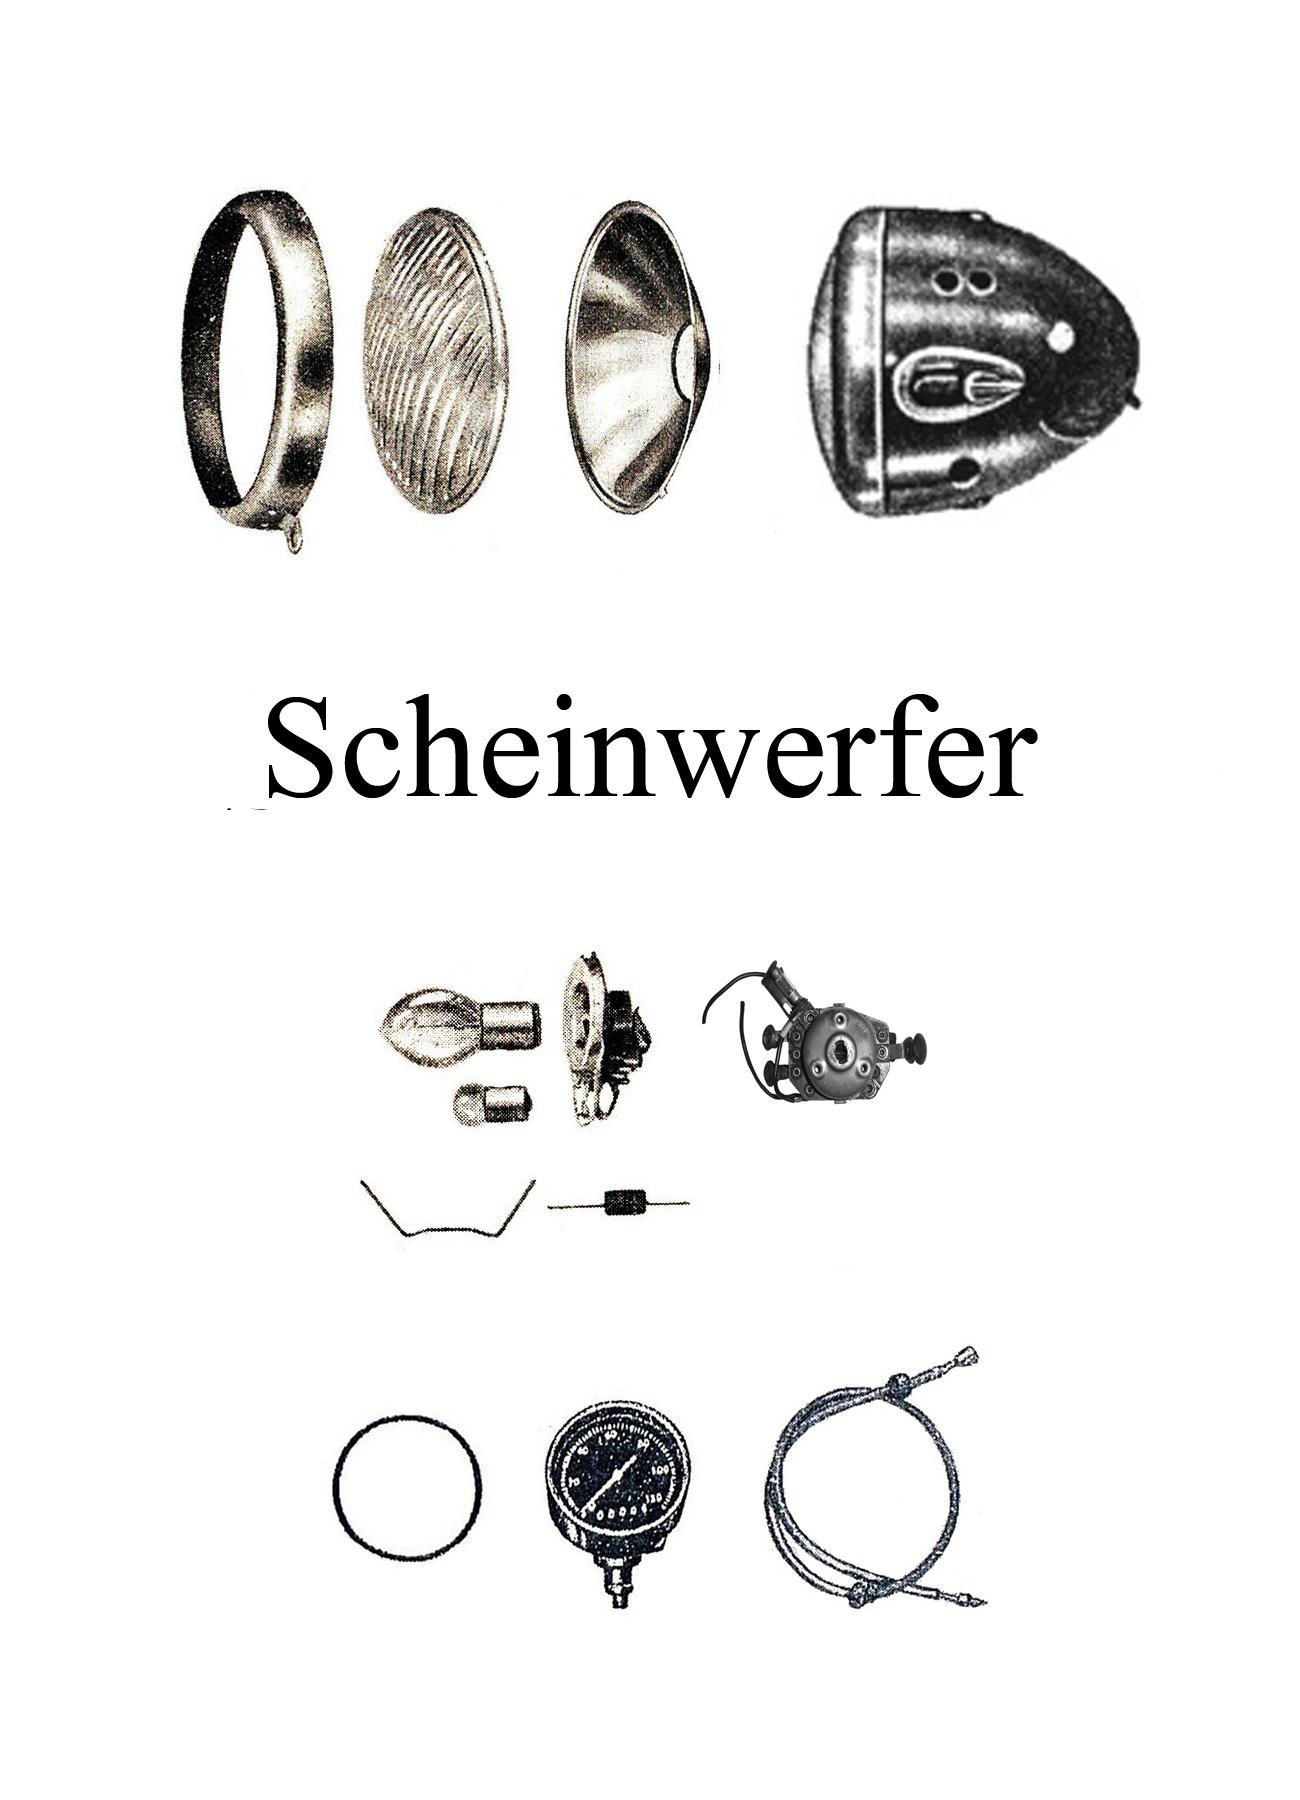 DDR-Motorrad AWO Touren Scheinwerfer Reflektor Dichtgummi Lampenring Zündschloßabdeckung Tachometerwelle Reflektor